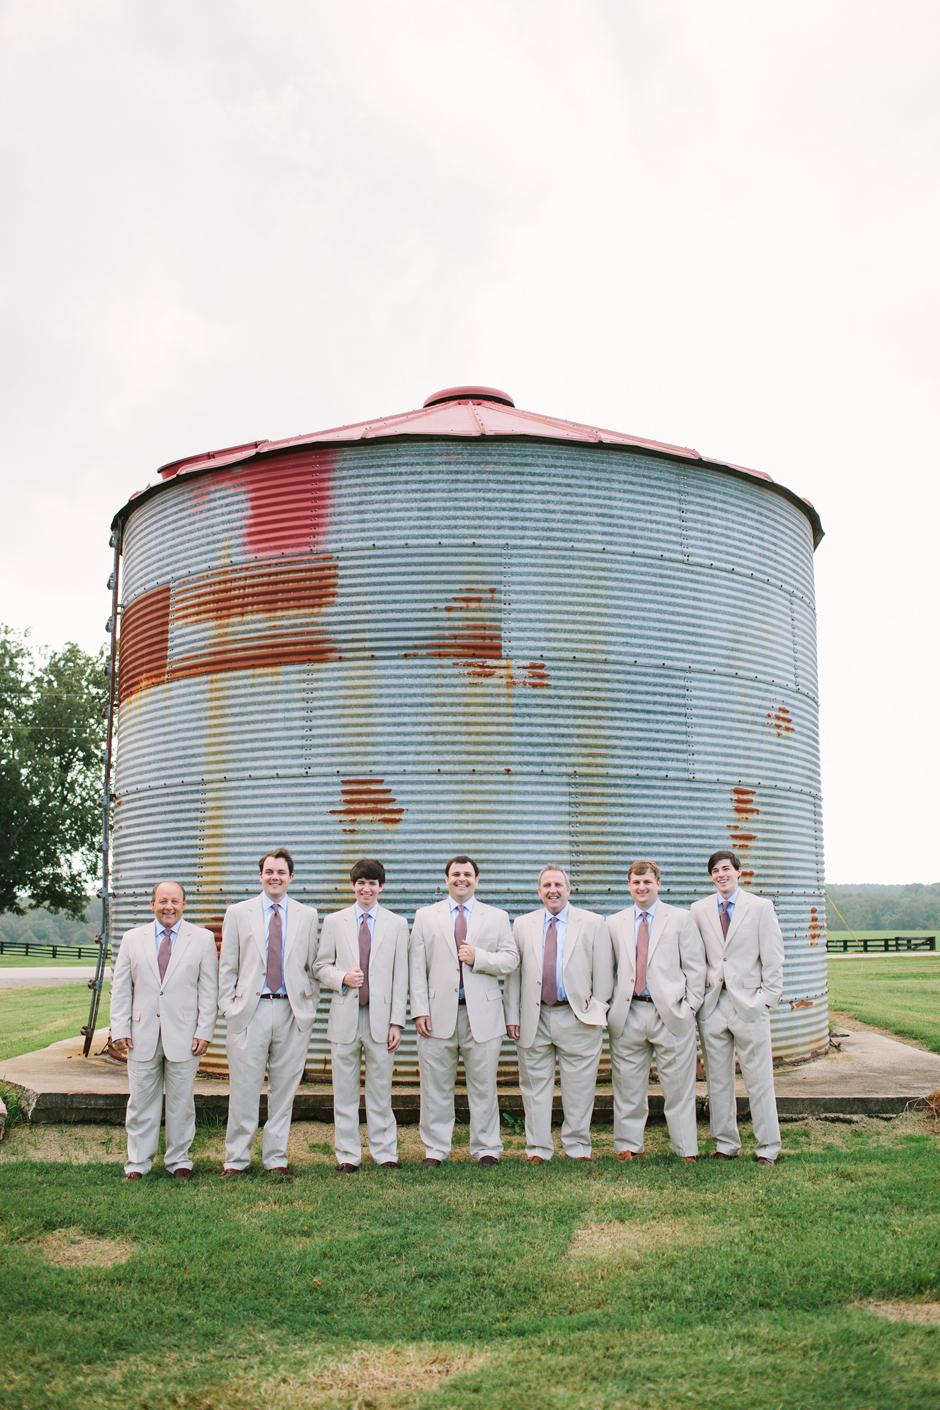 Light tan tuxedos for groomsmen